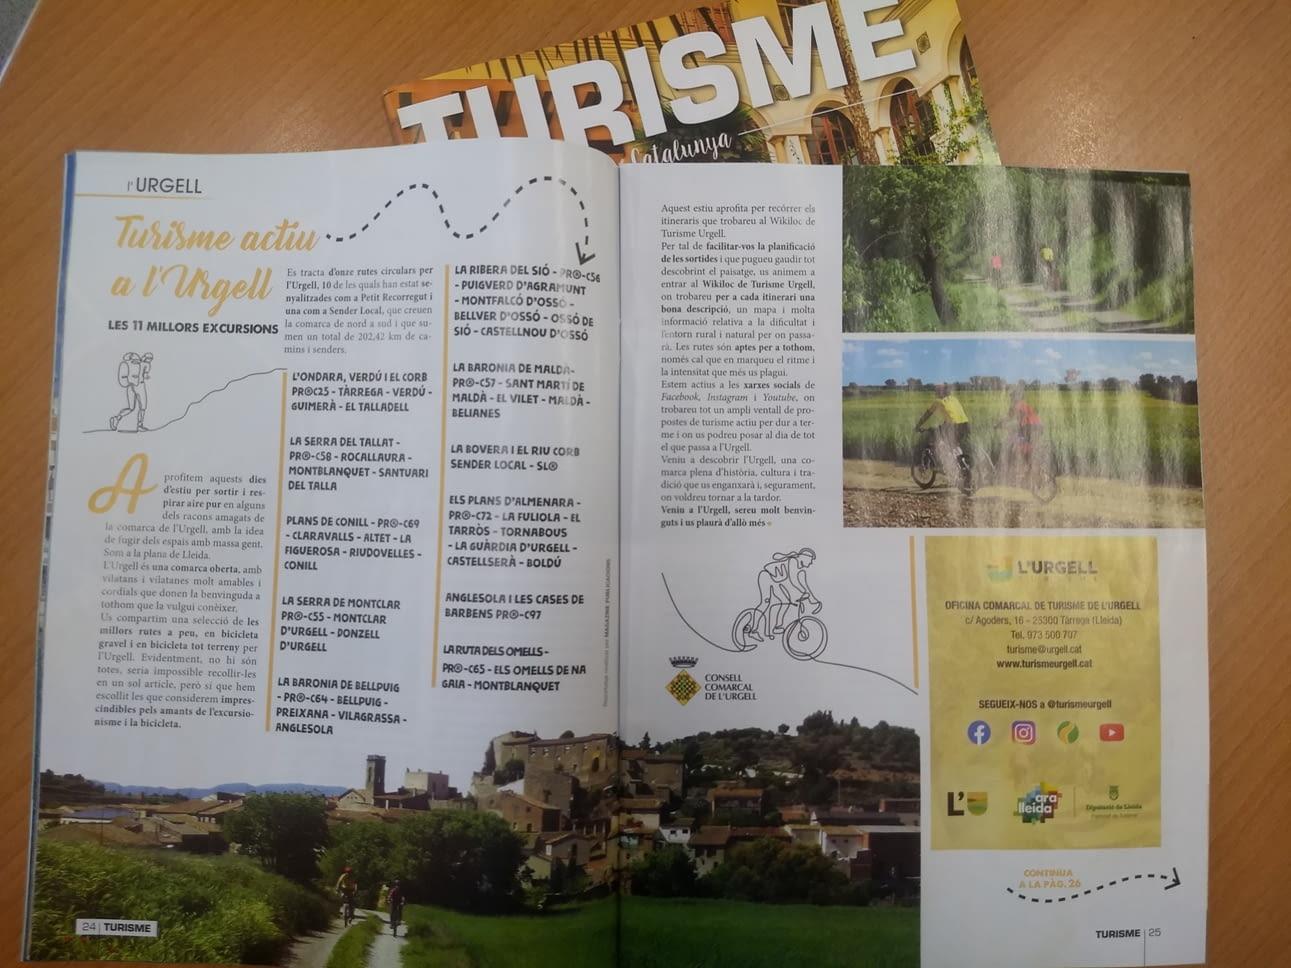 Reportatge de l'Urgell , a la revista Turisme Catalunya de juliol